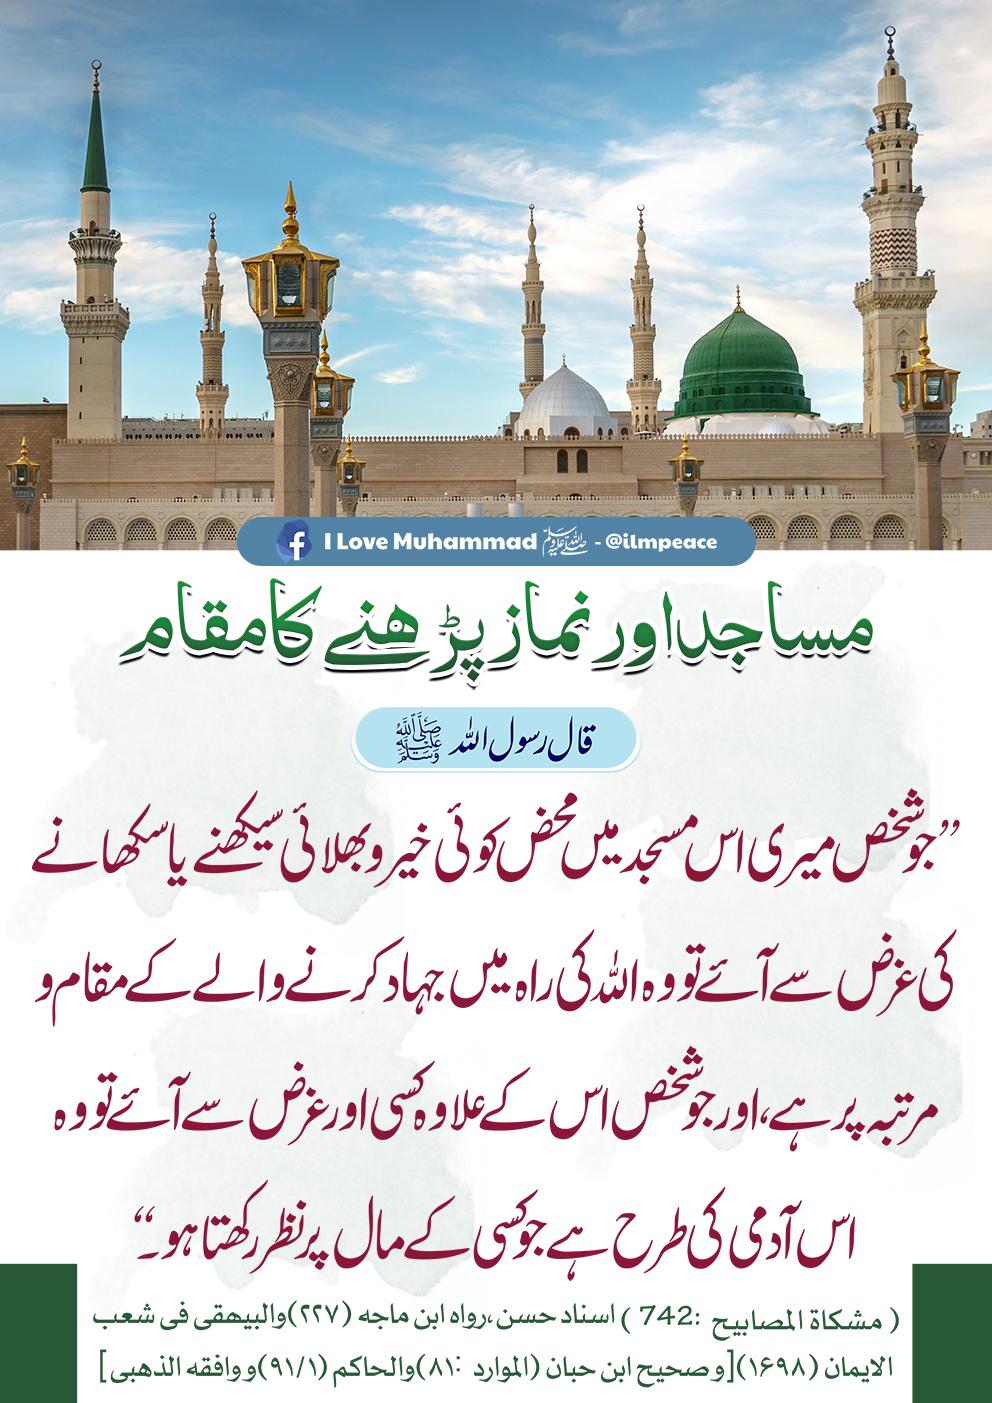 مساجد اور نماز پڑھنے کا مقام JPG.jpg